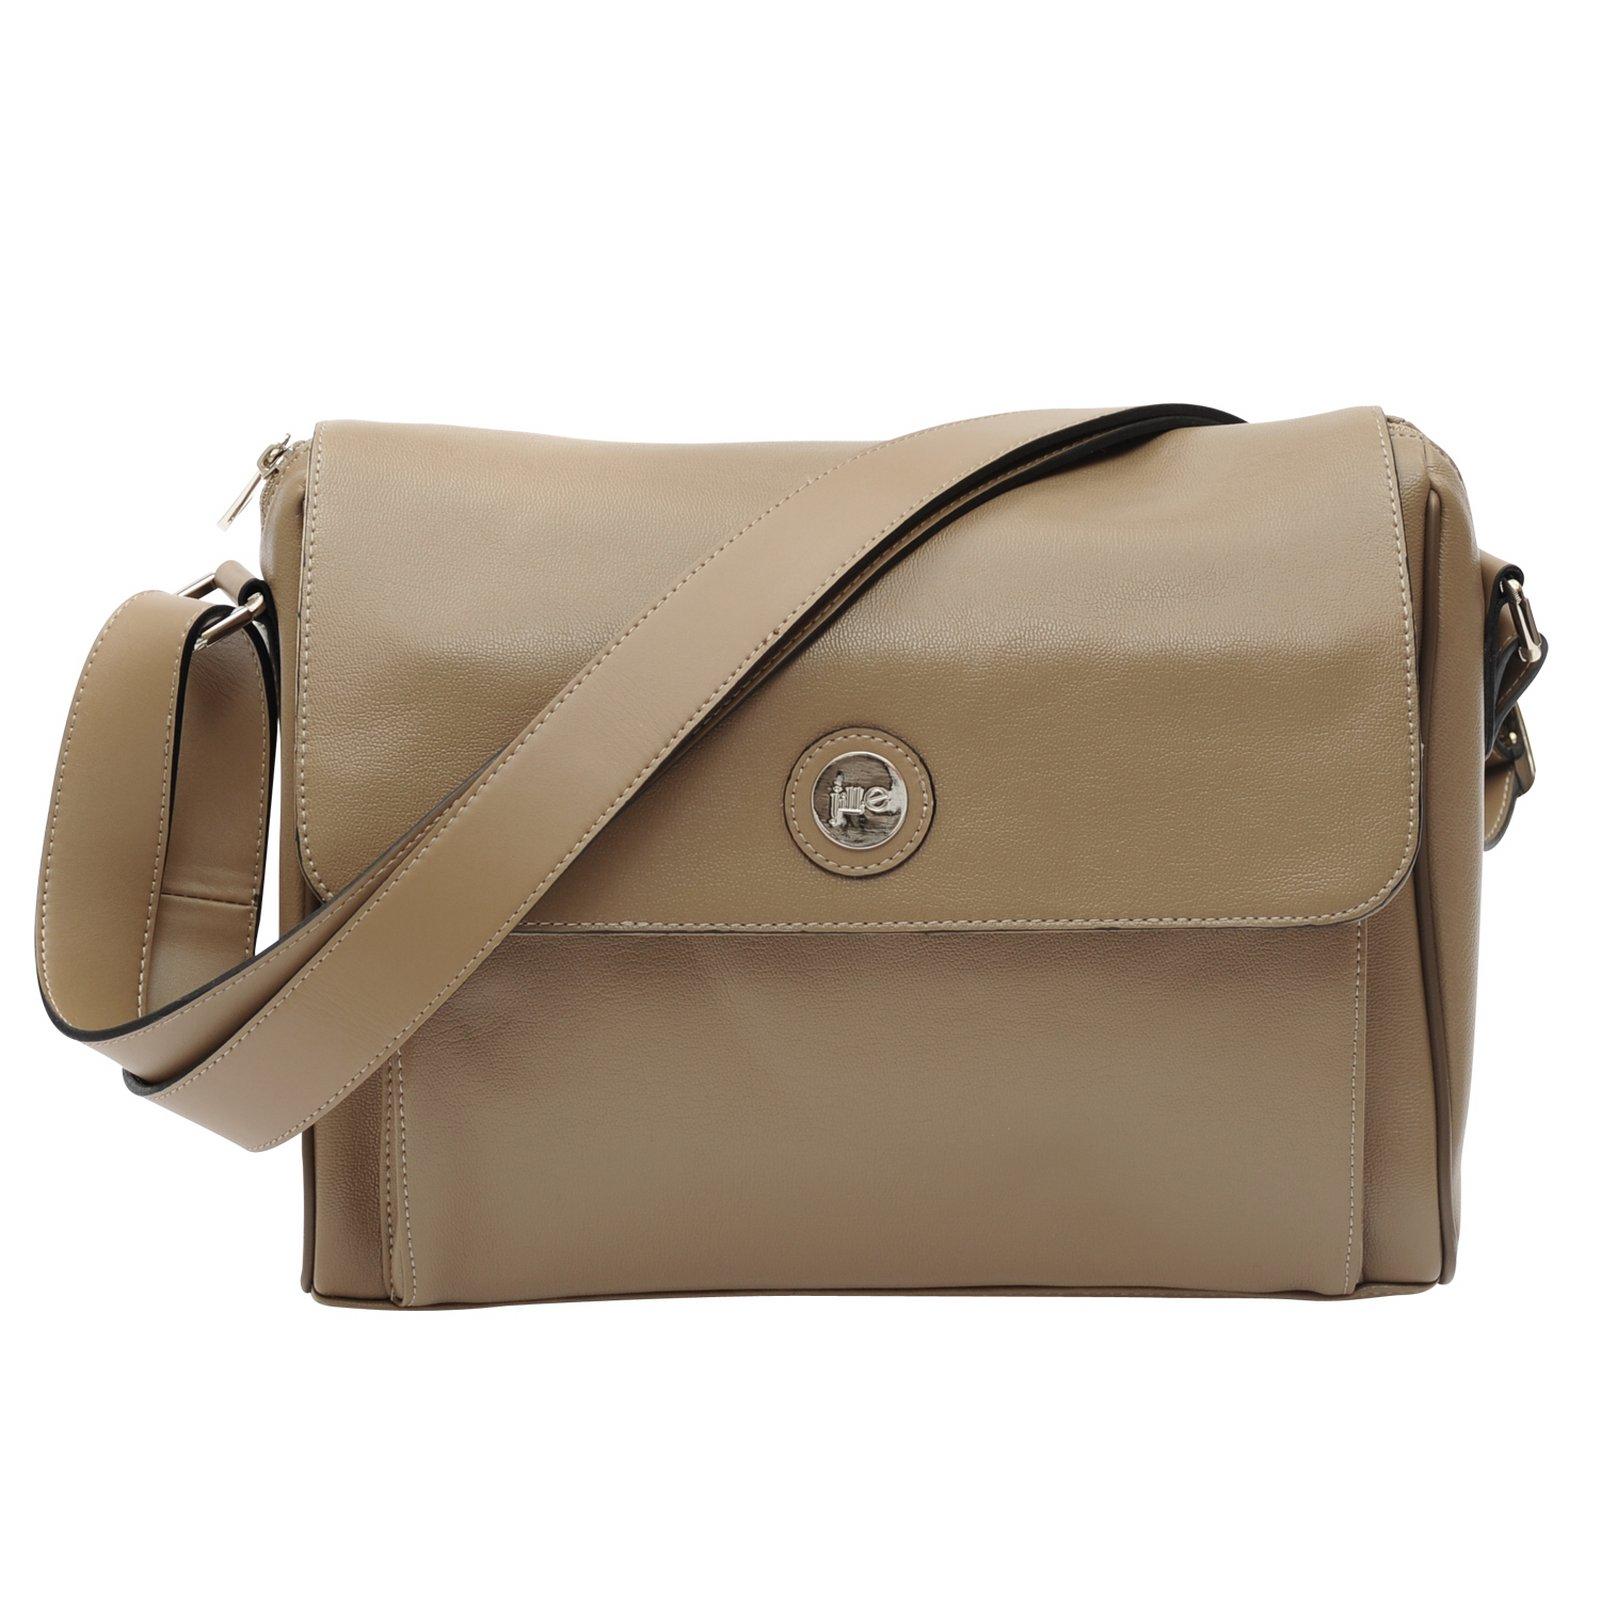 Innovative Large Messenger Bag For Women Men Messenger Bag - E-CanvasBags